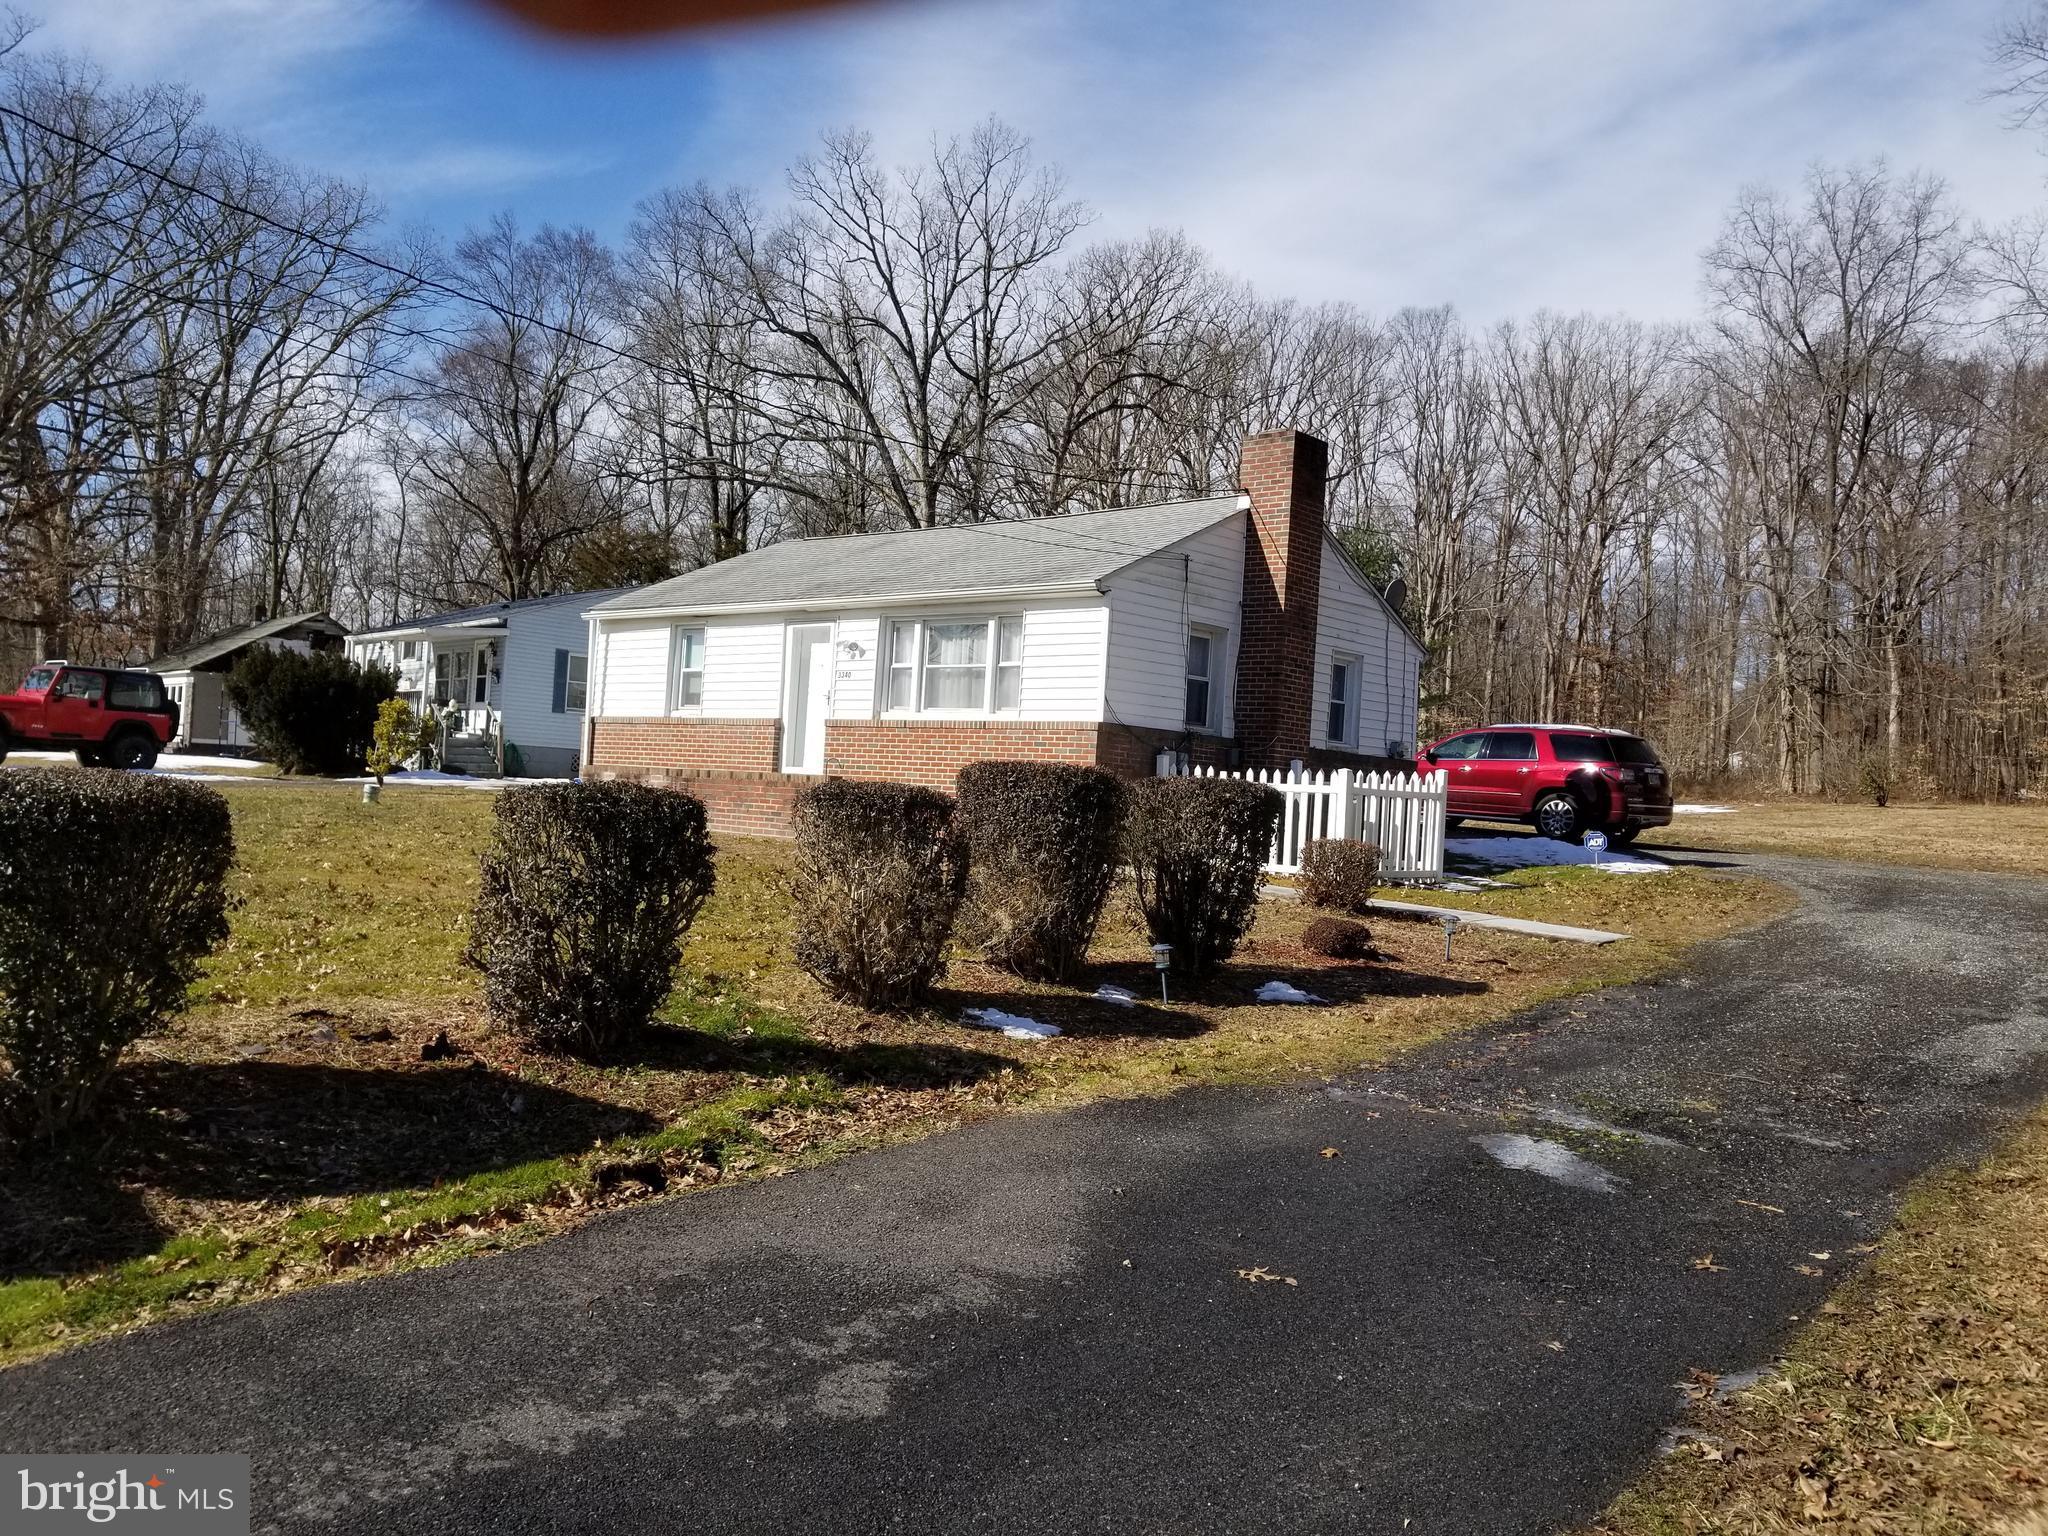 3340 Cedar Church Rd, Darlington, MD, 21034